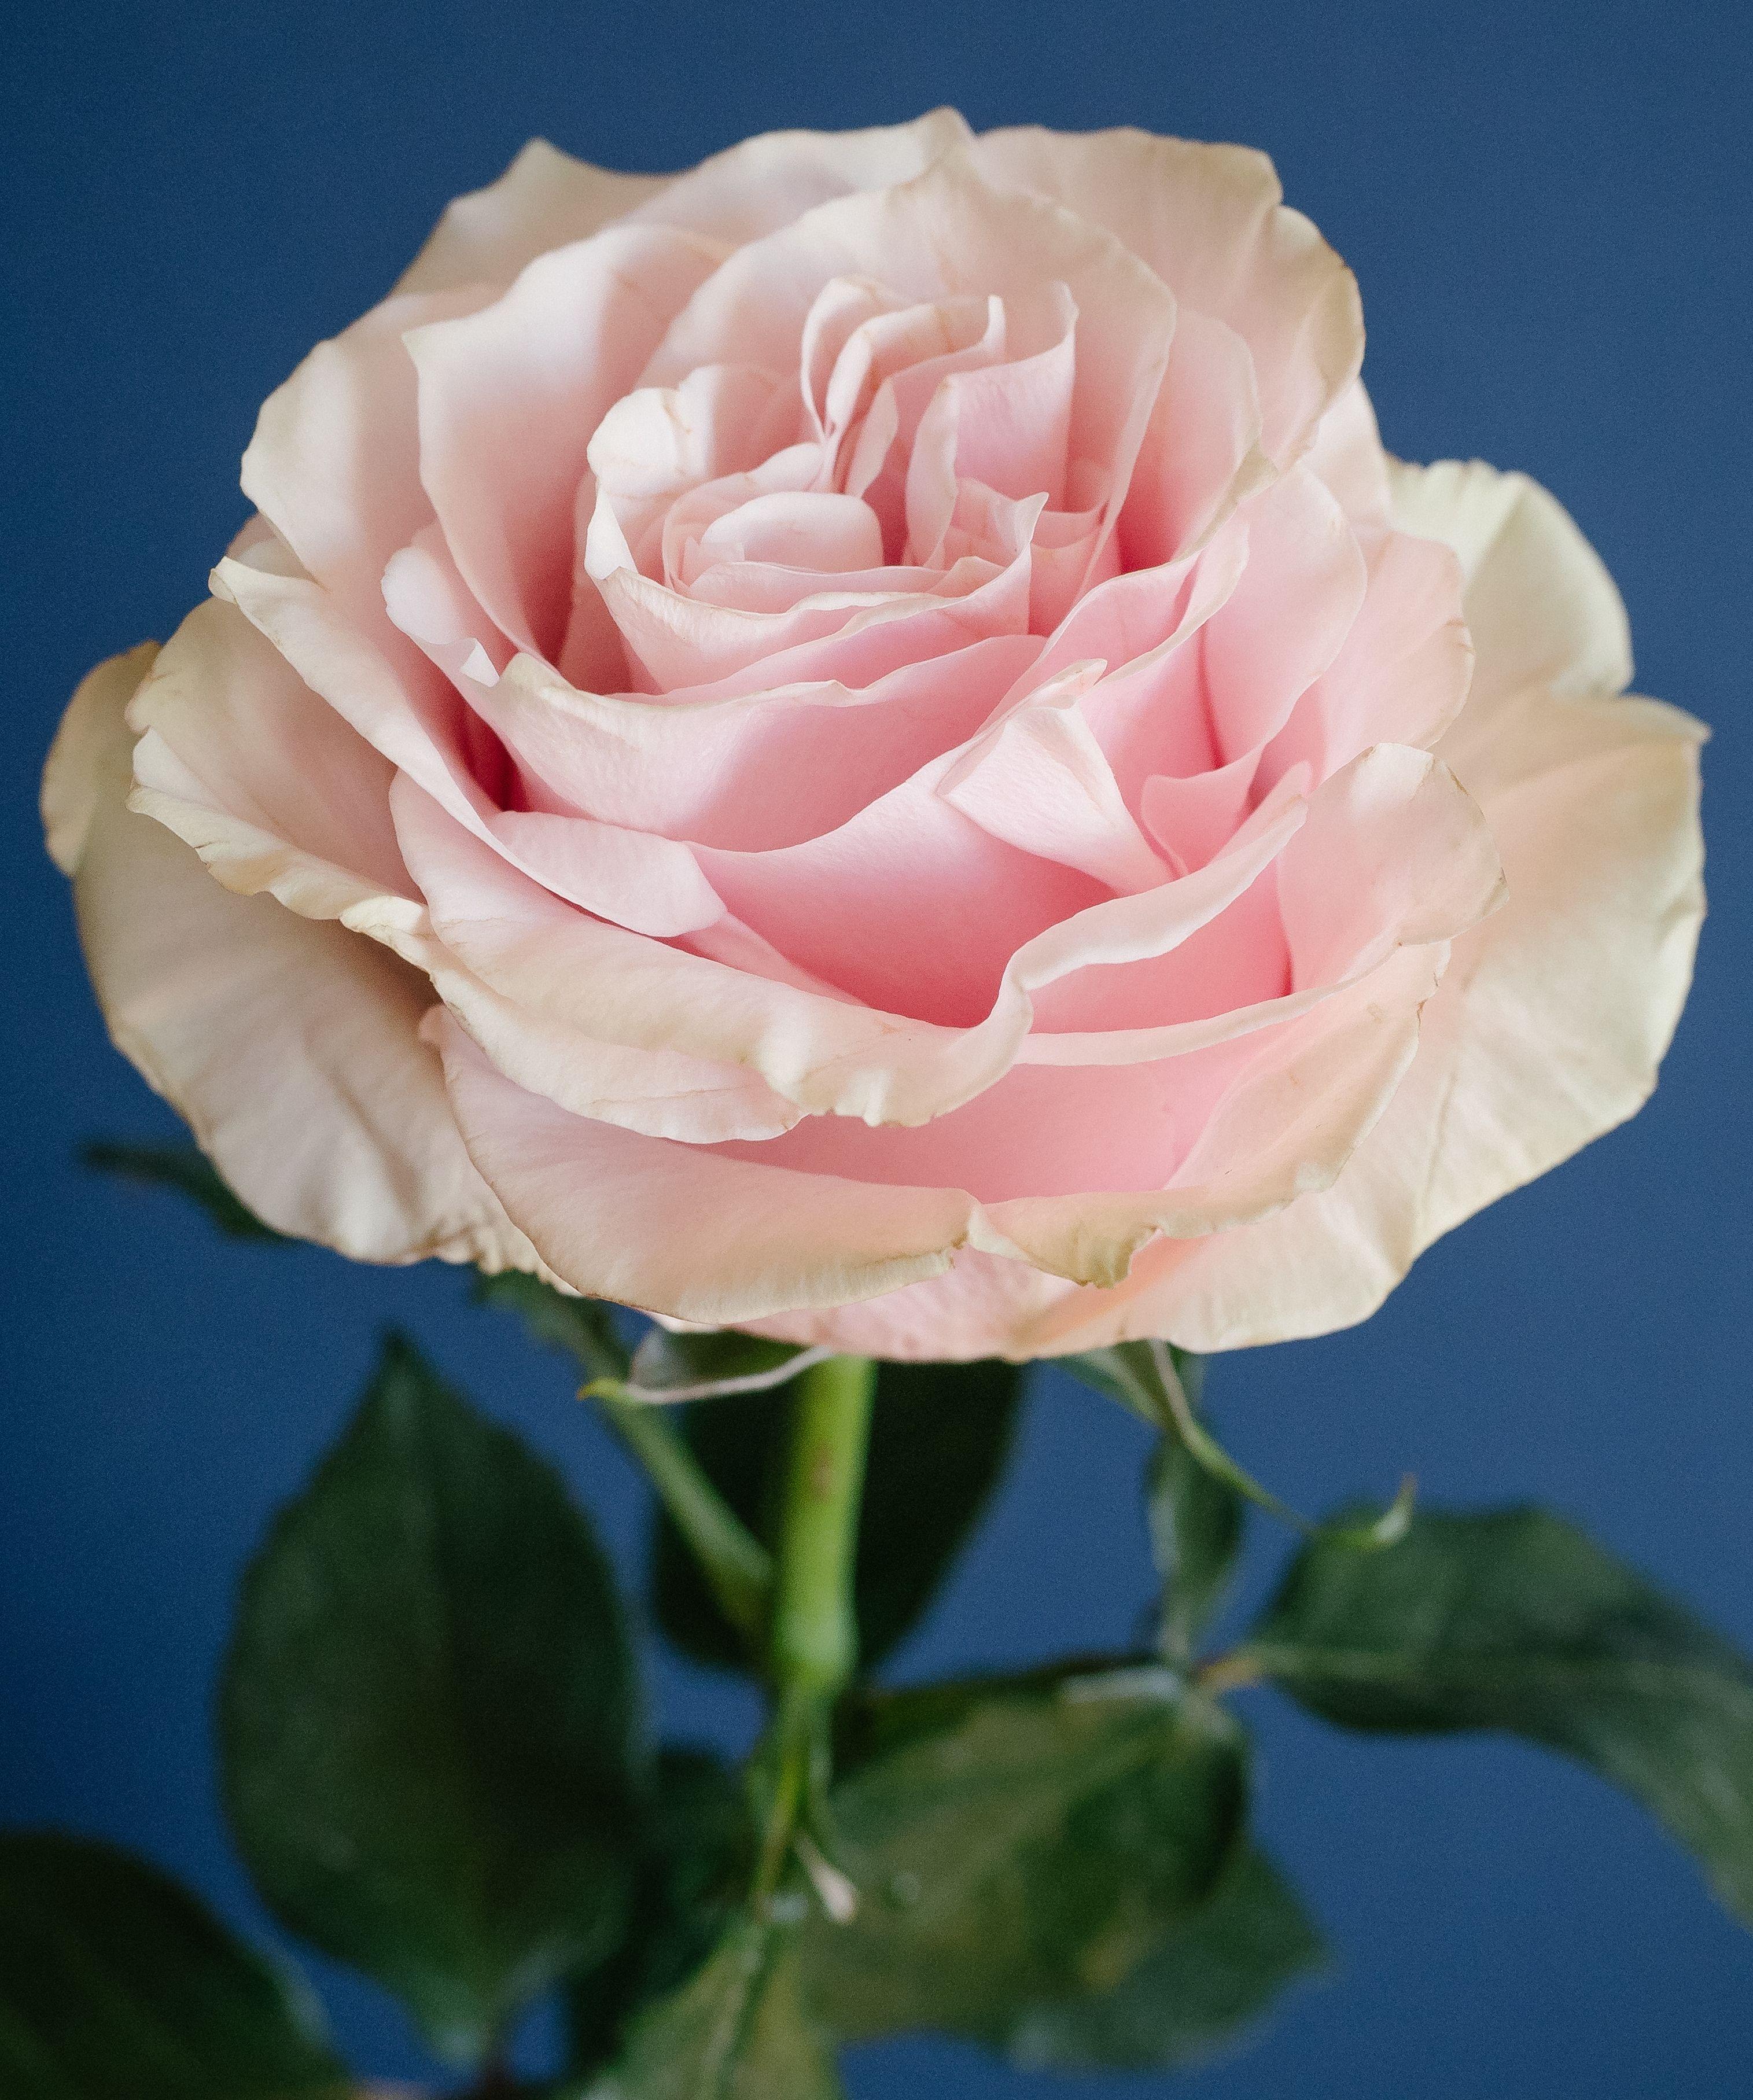 Wedding Flowers With Names: Rose Varieties, Types Of